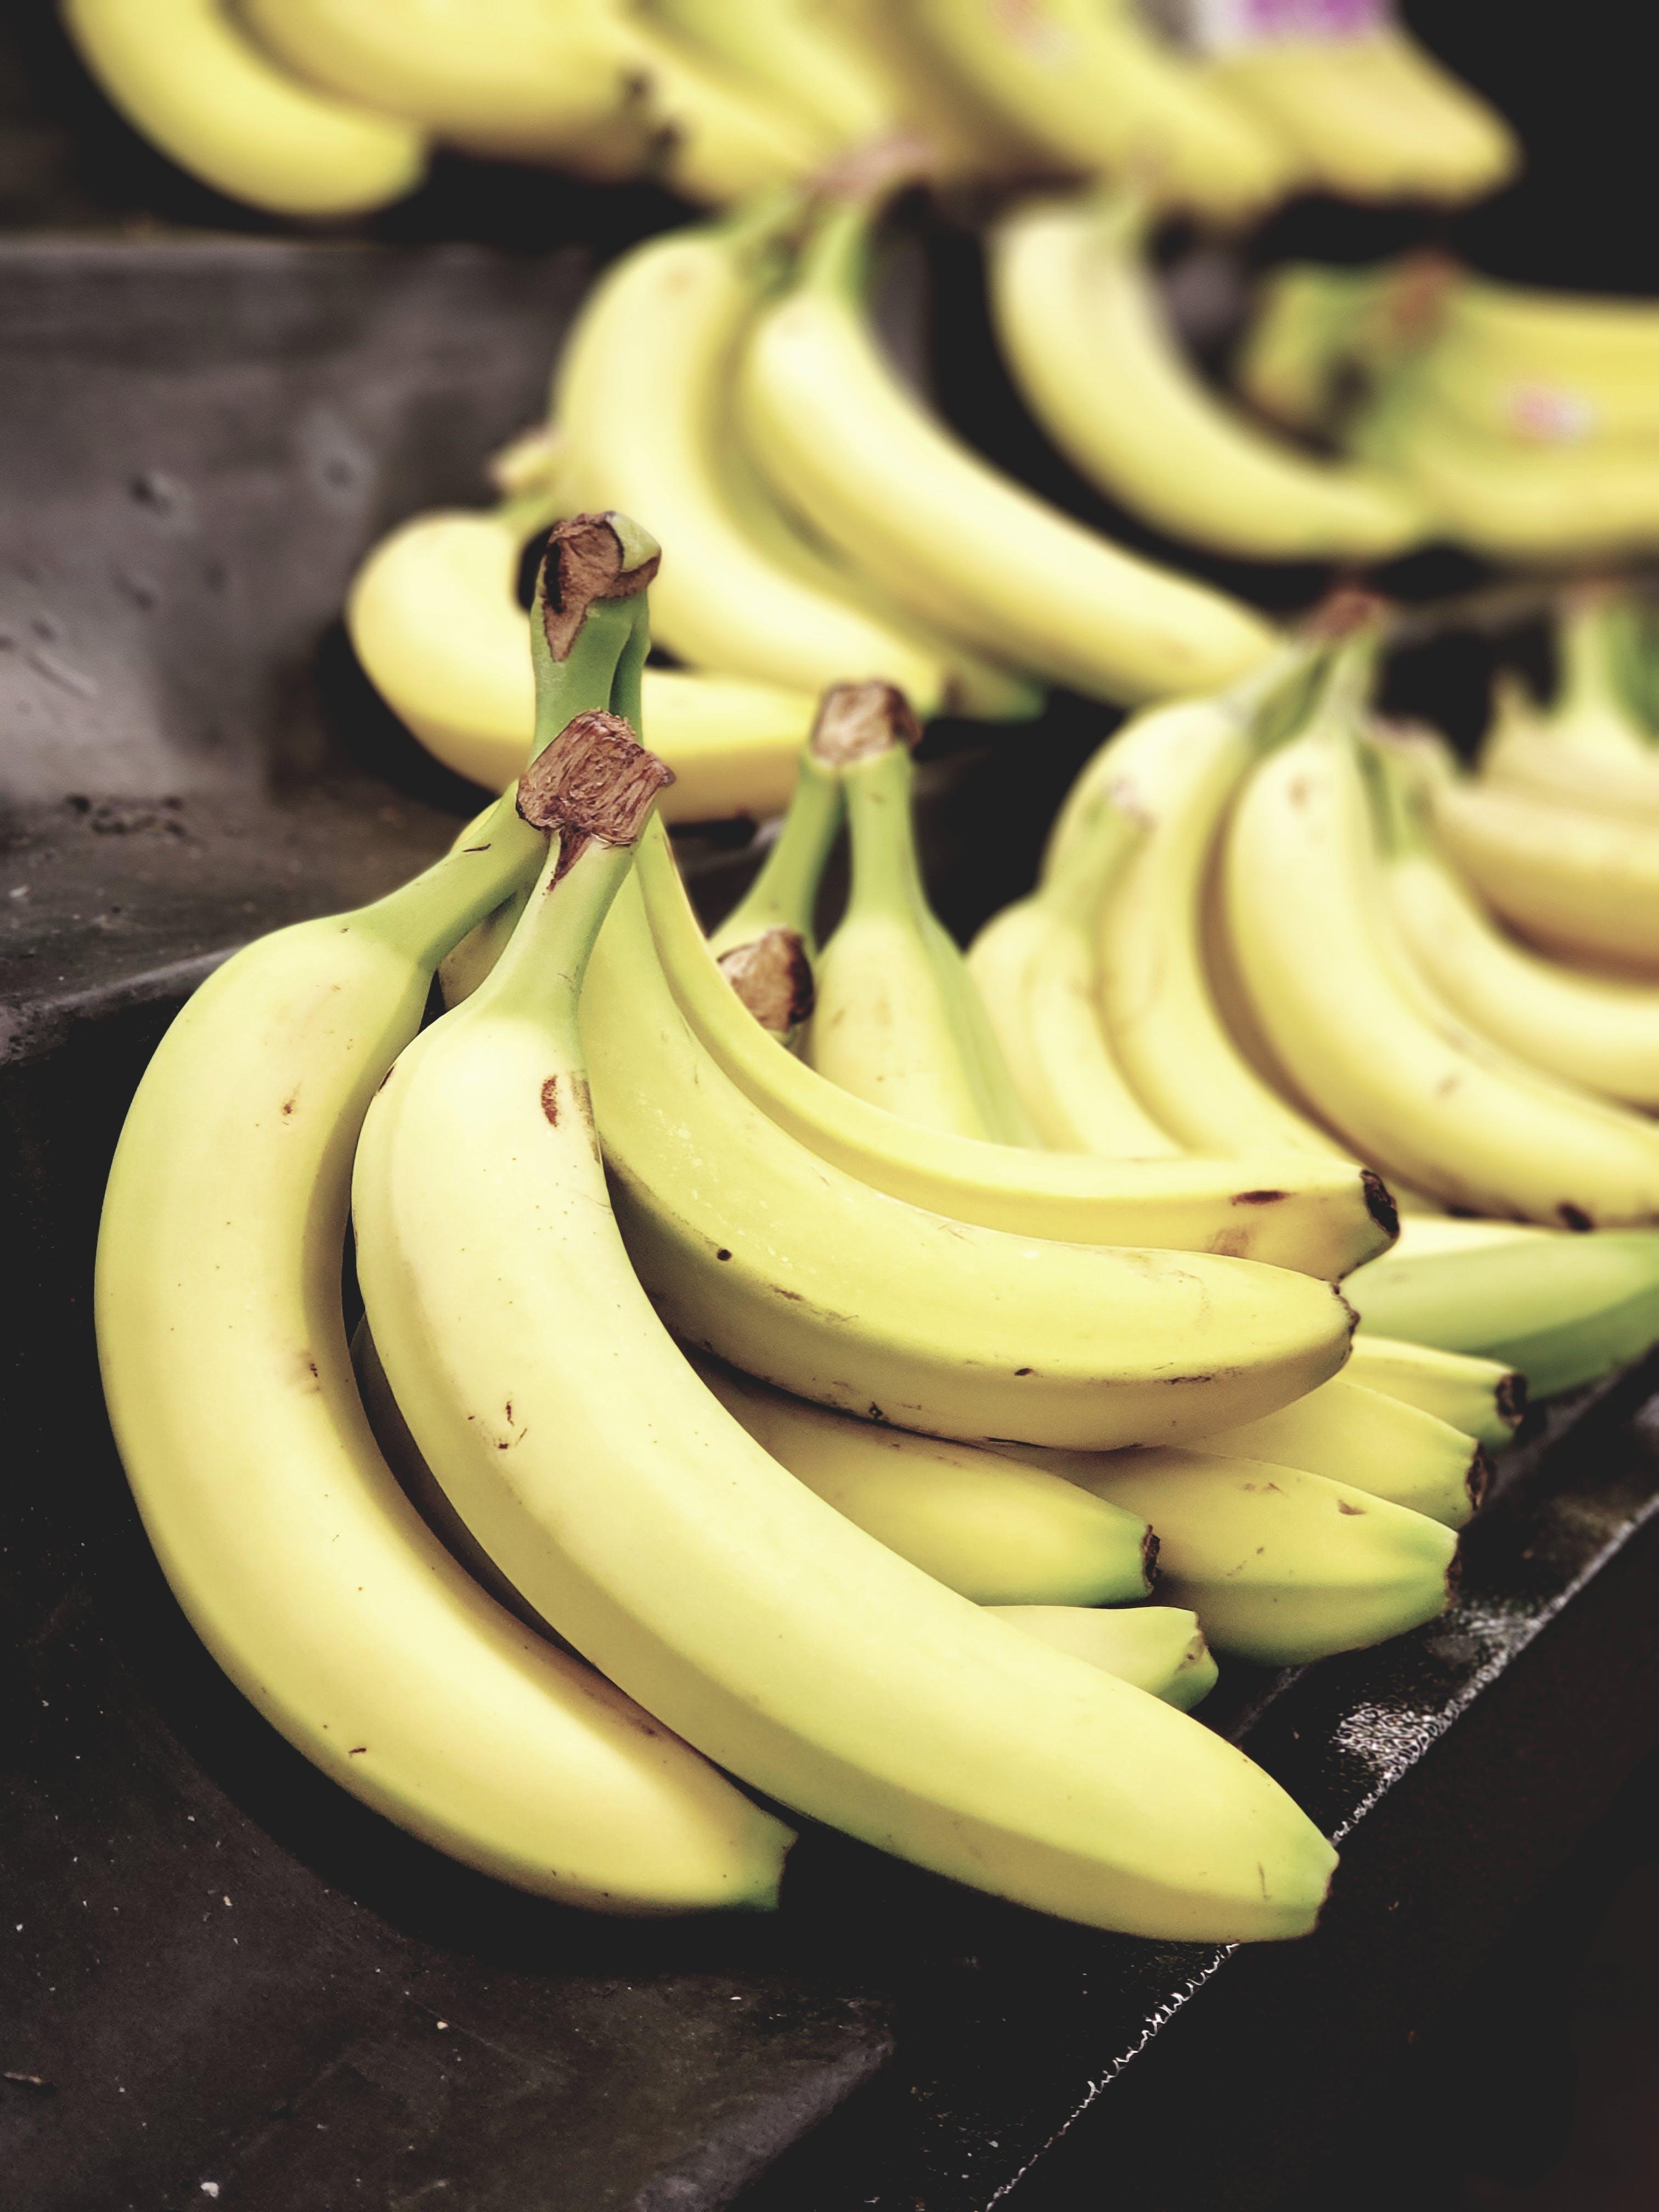 bananer, bundt, close-up